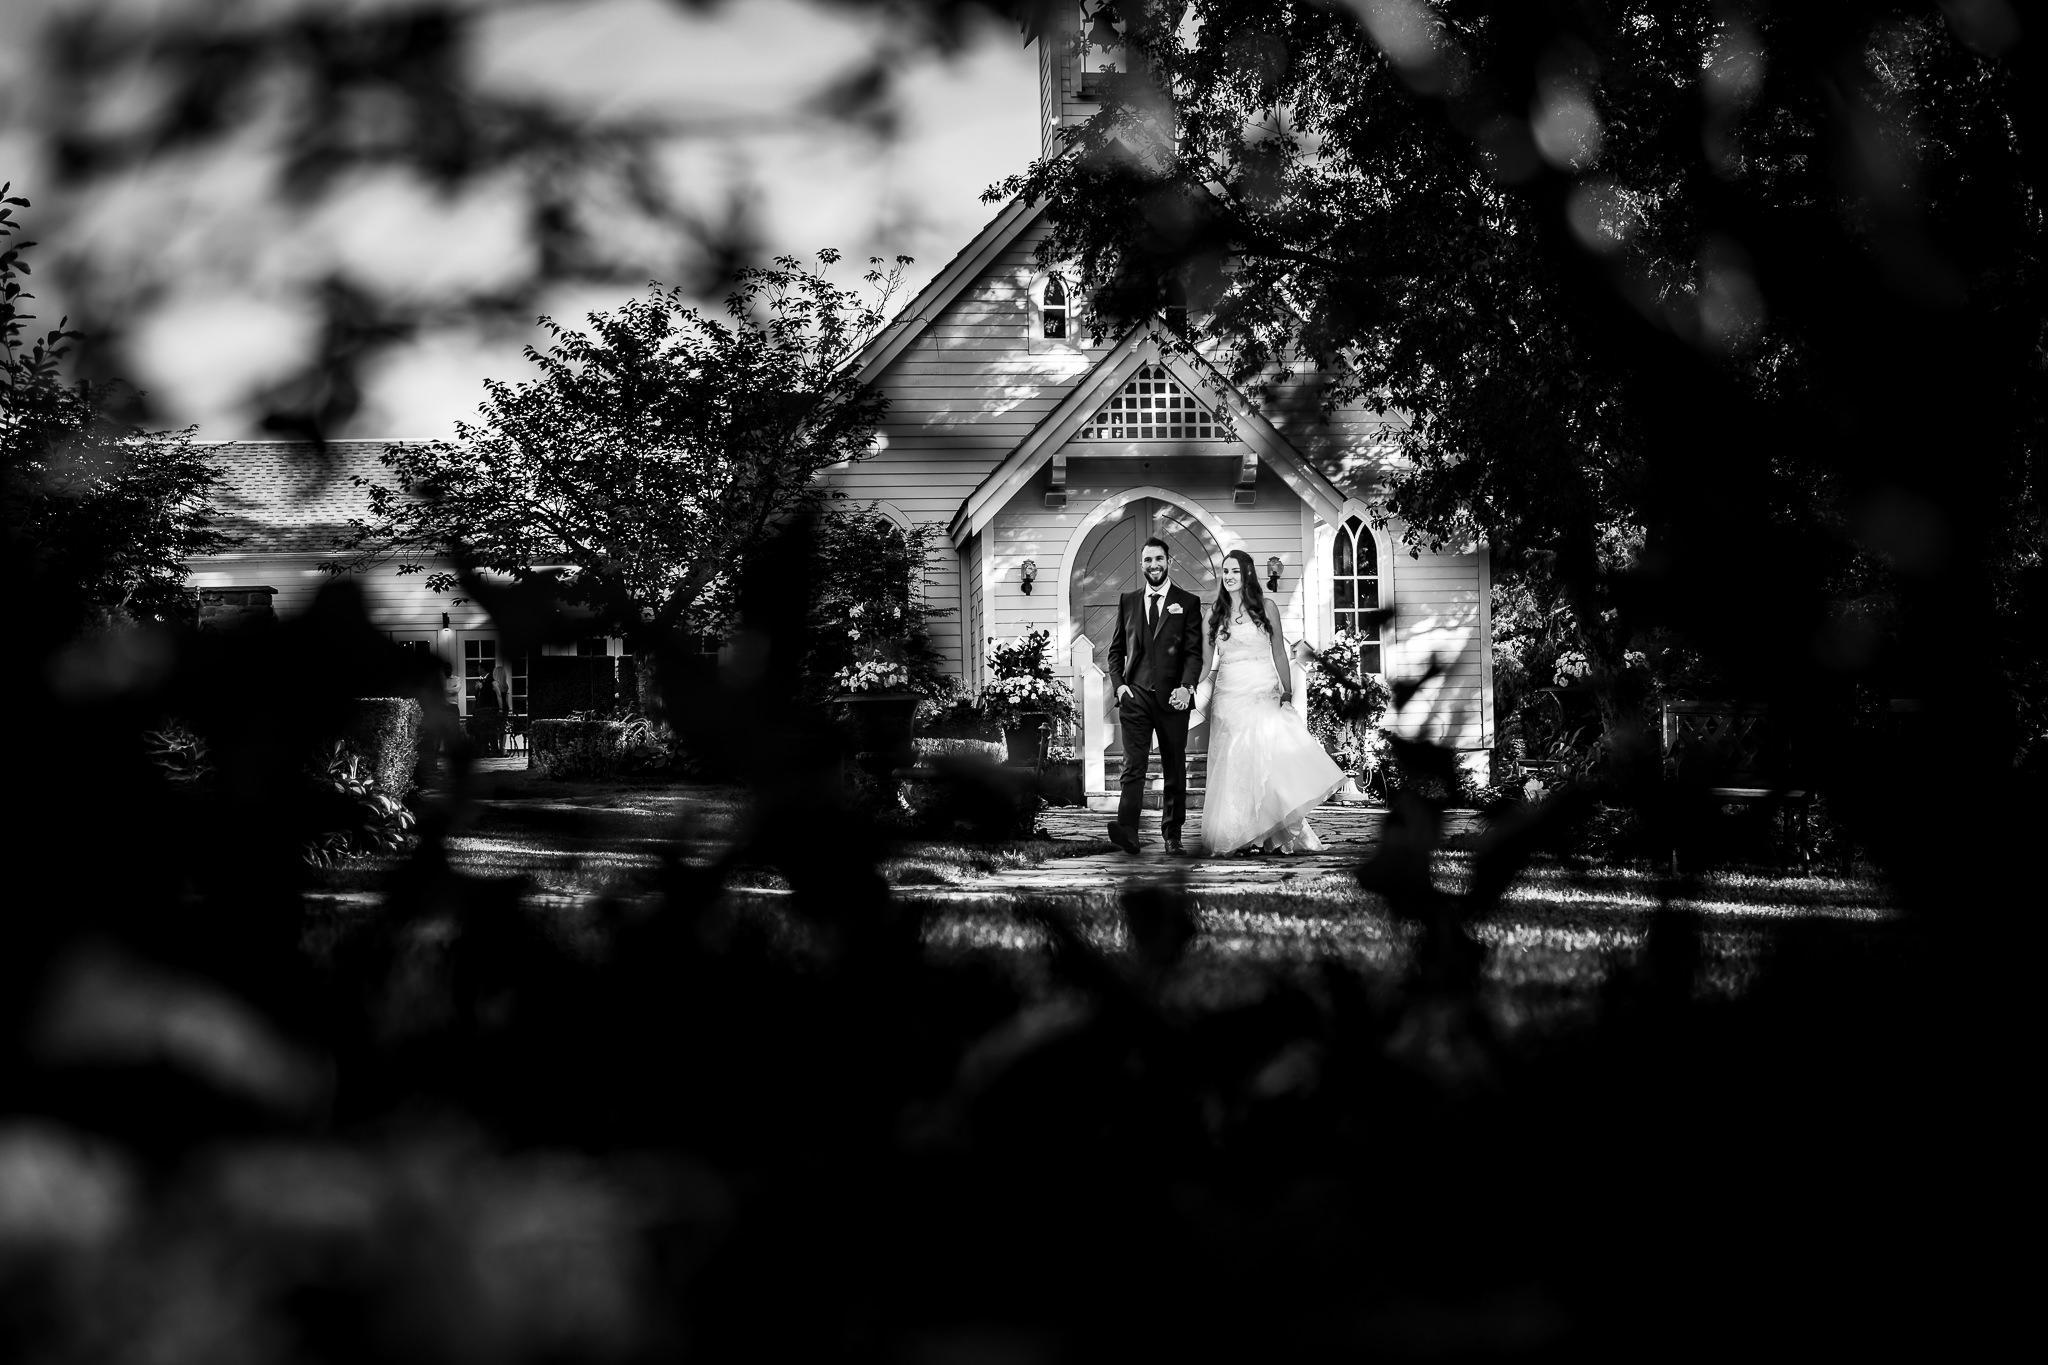 doctor's house wedding photos-44.jpg